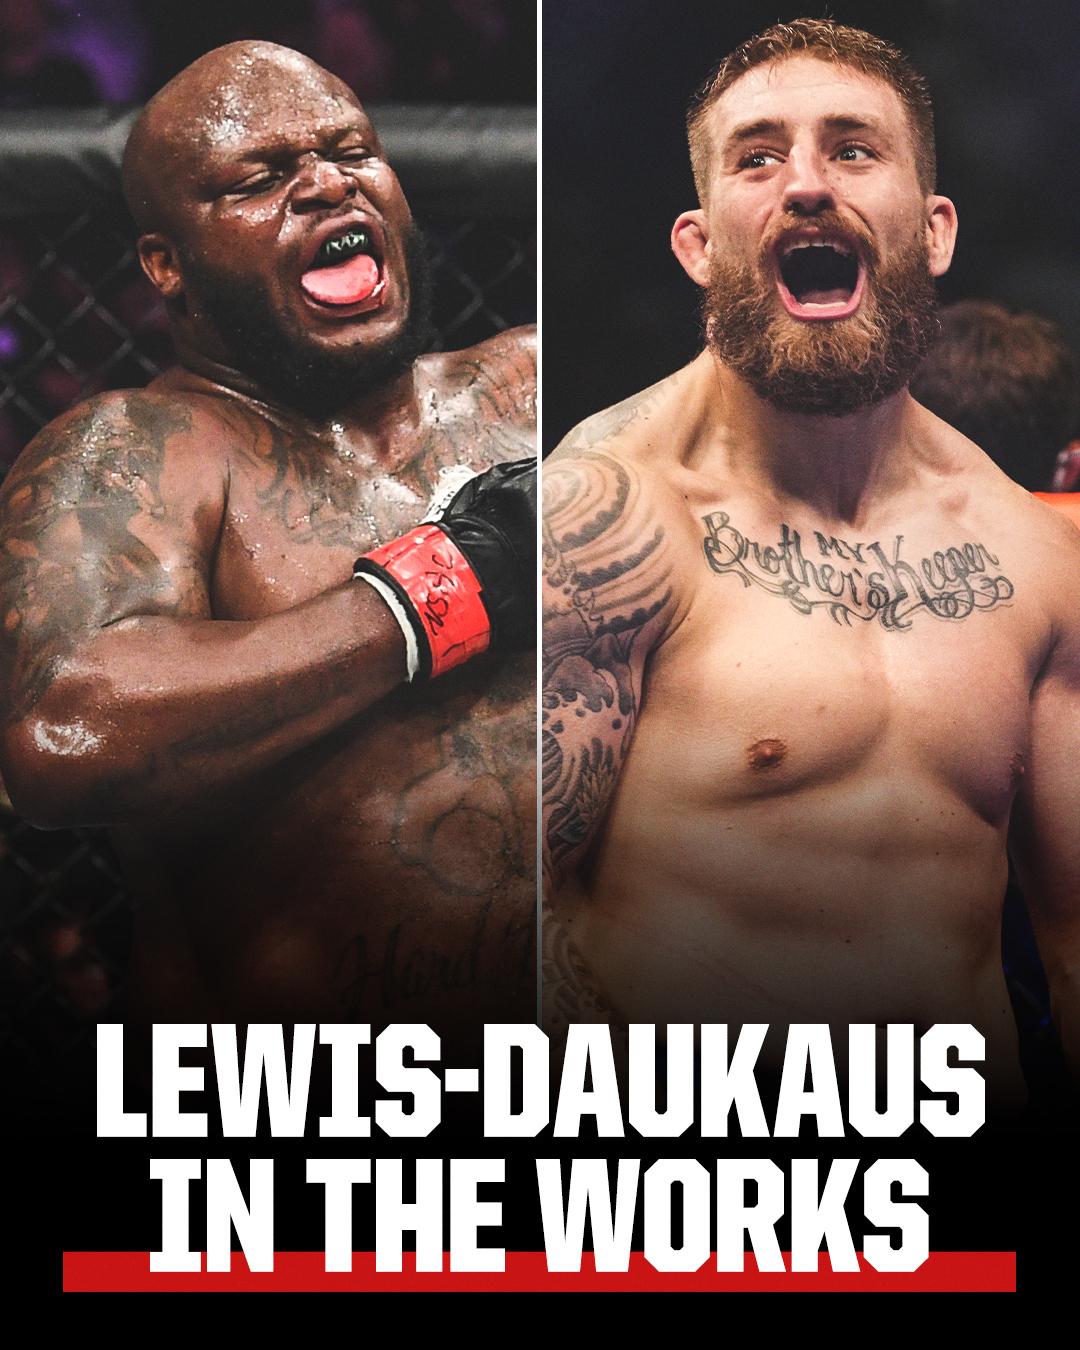 heavyweight main event between Derrick Lewis and Chris Daukaus on Dec. 18